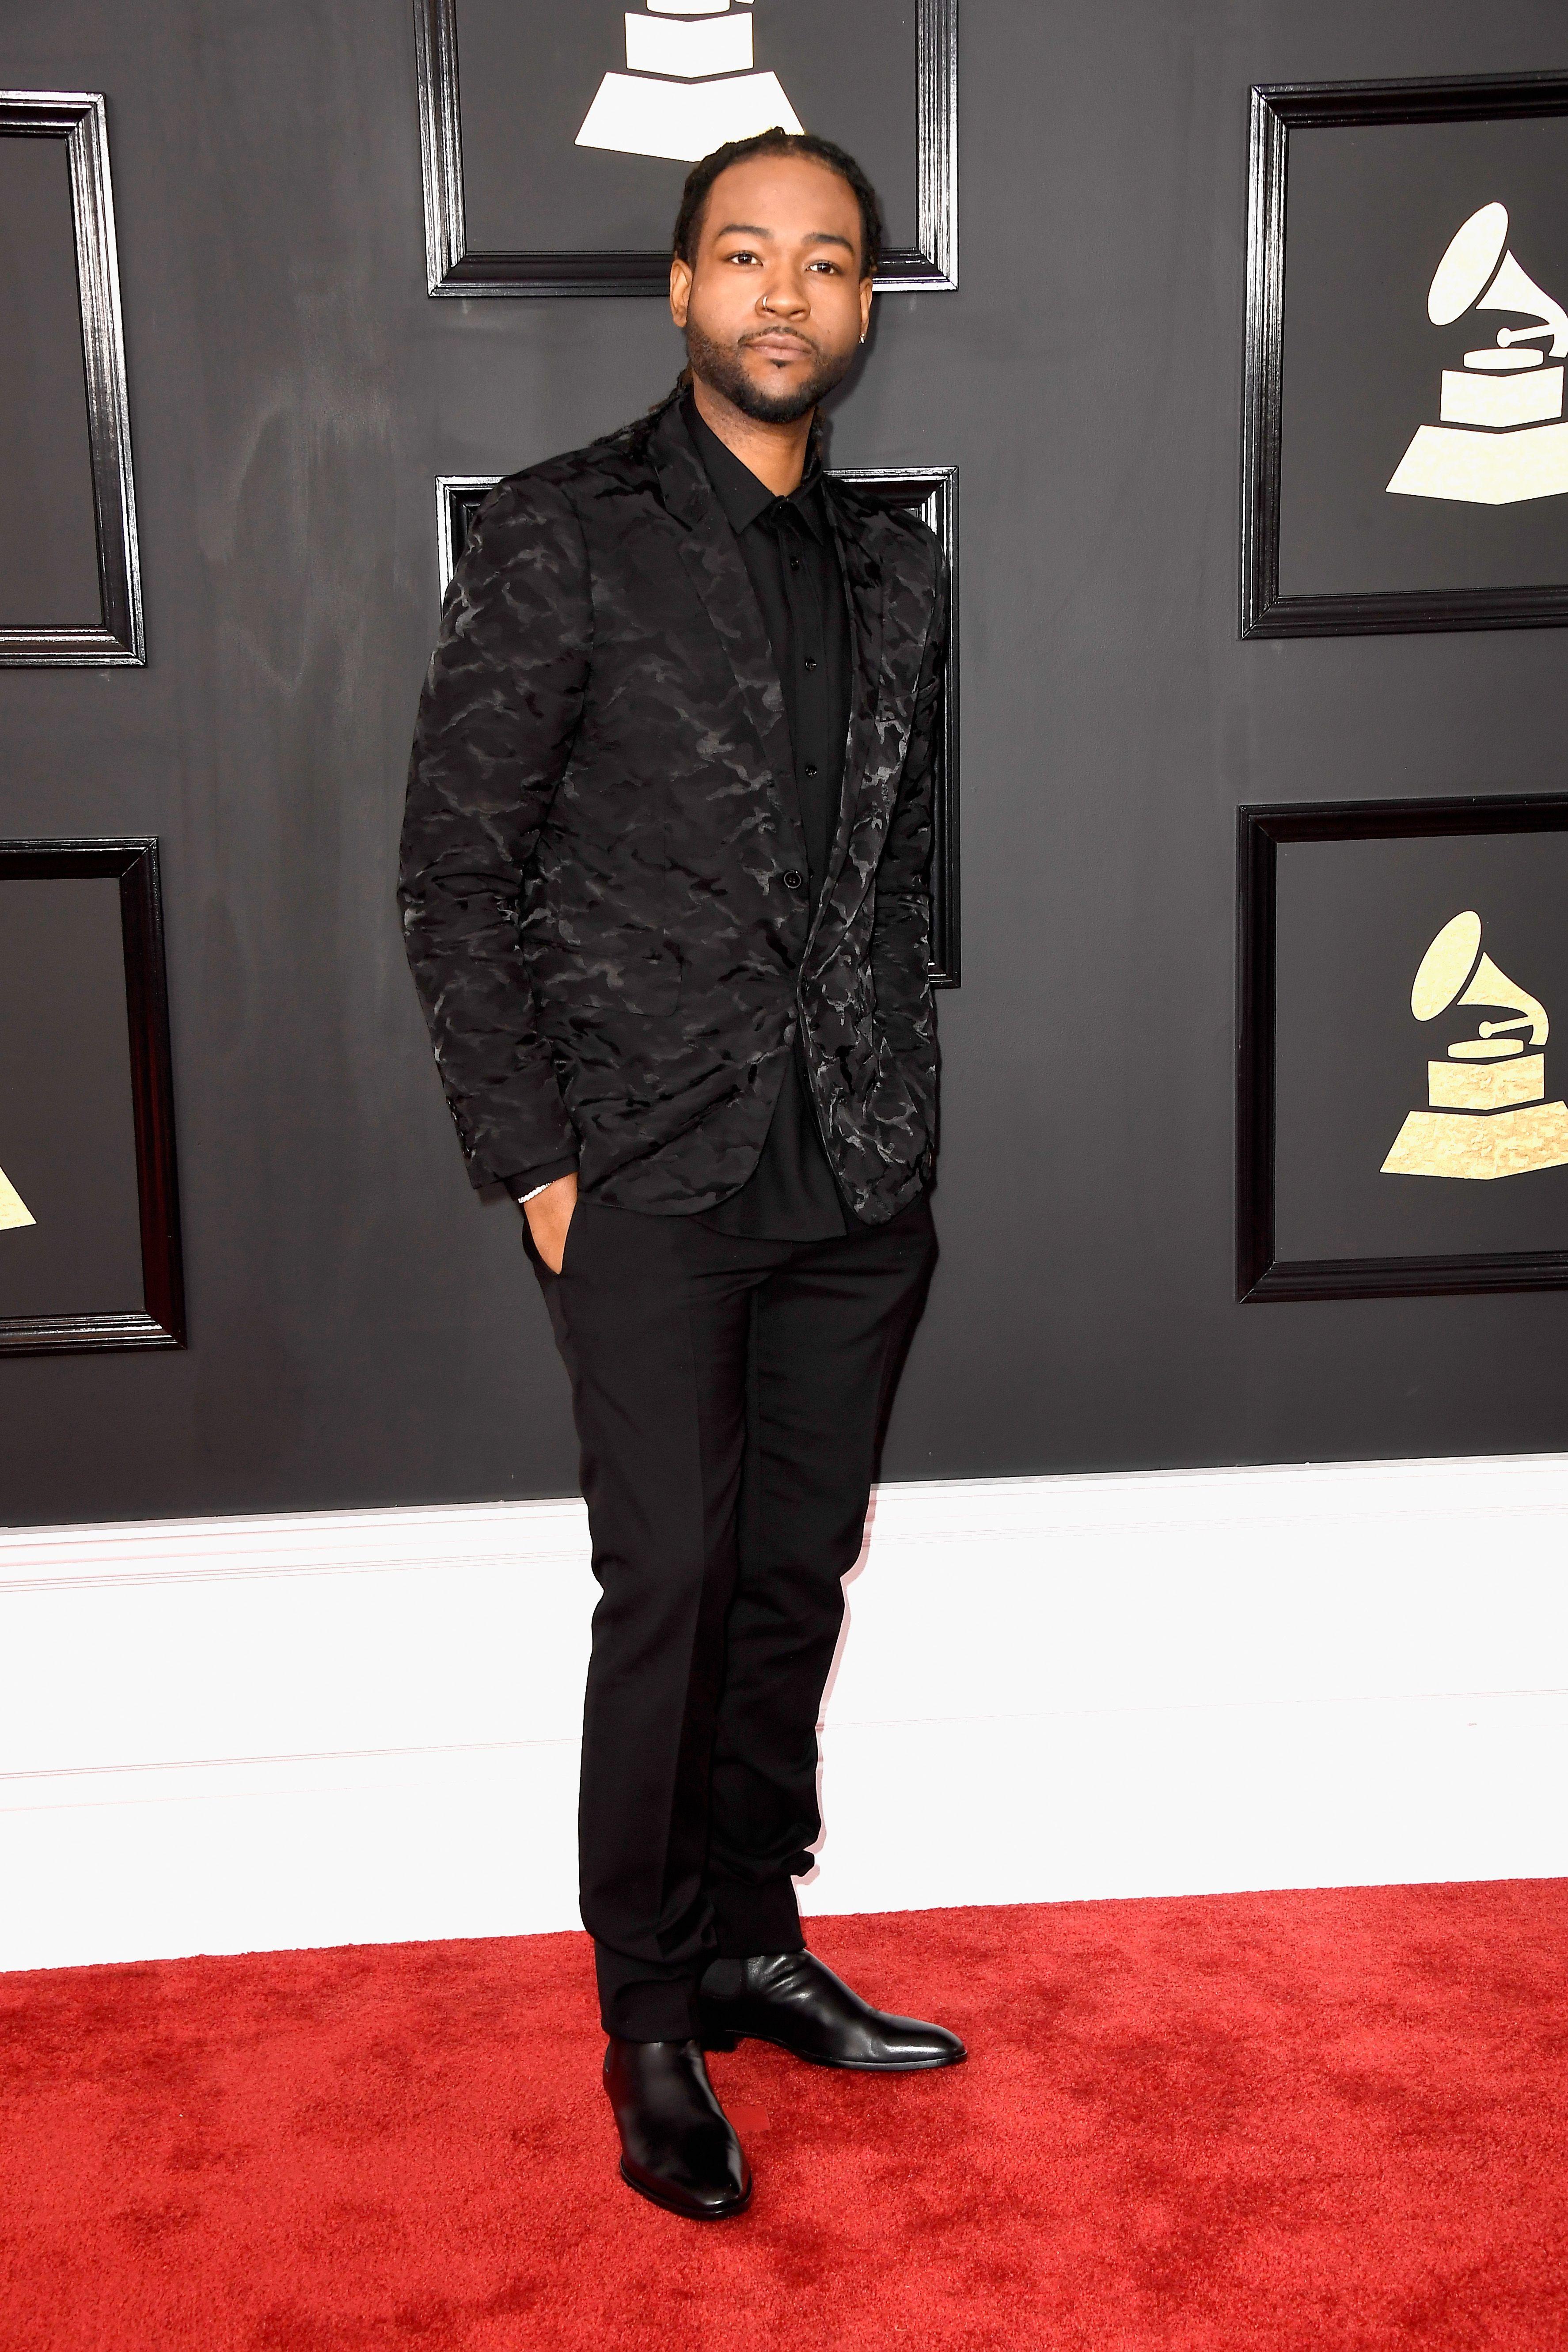 Significado de hombre vestido de negro